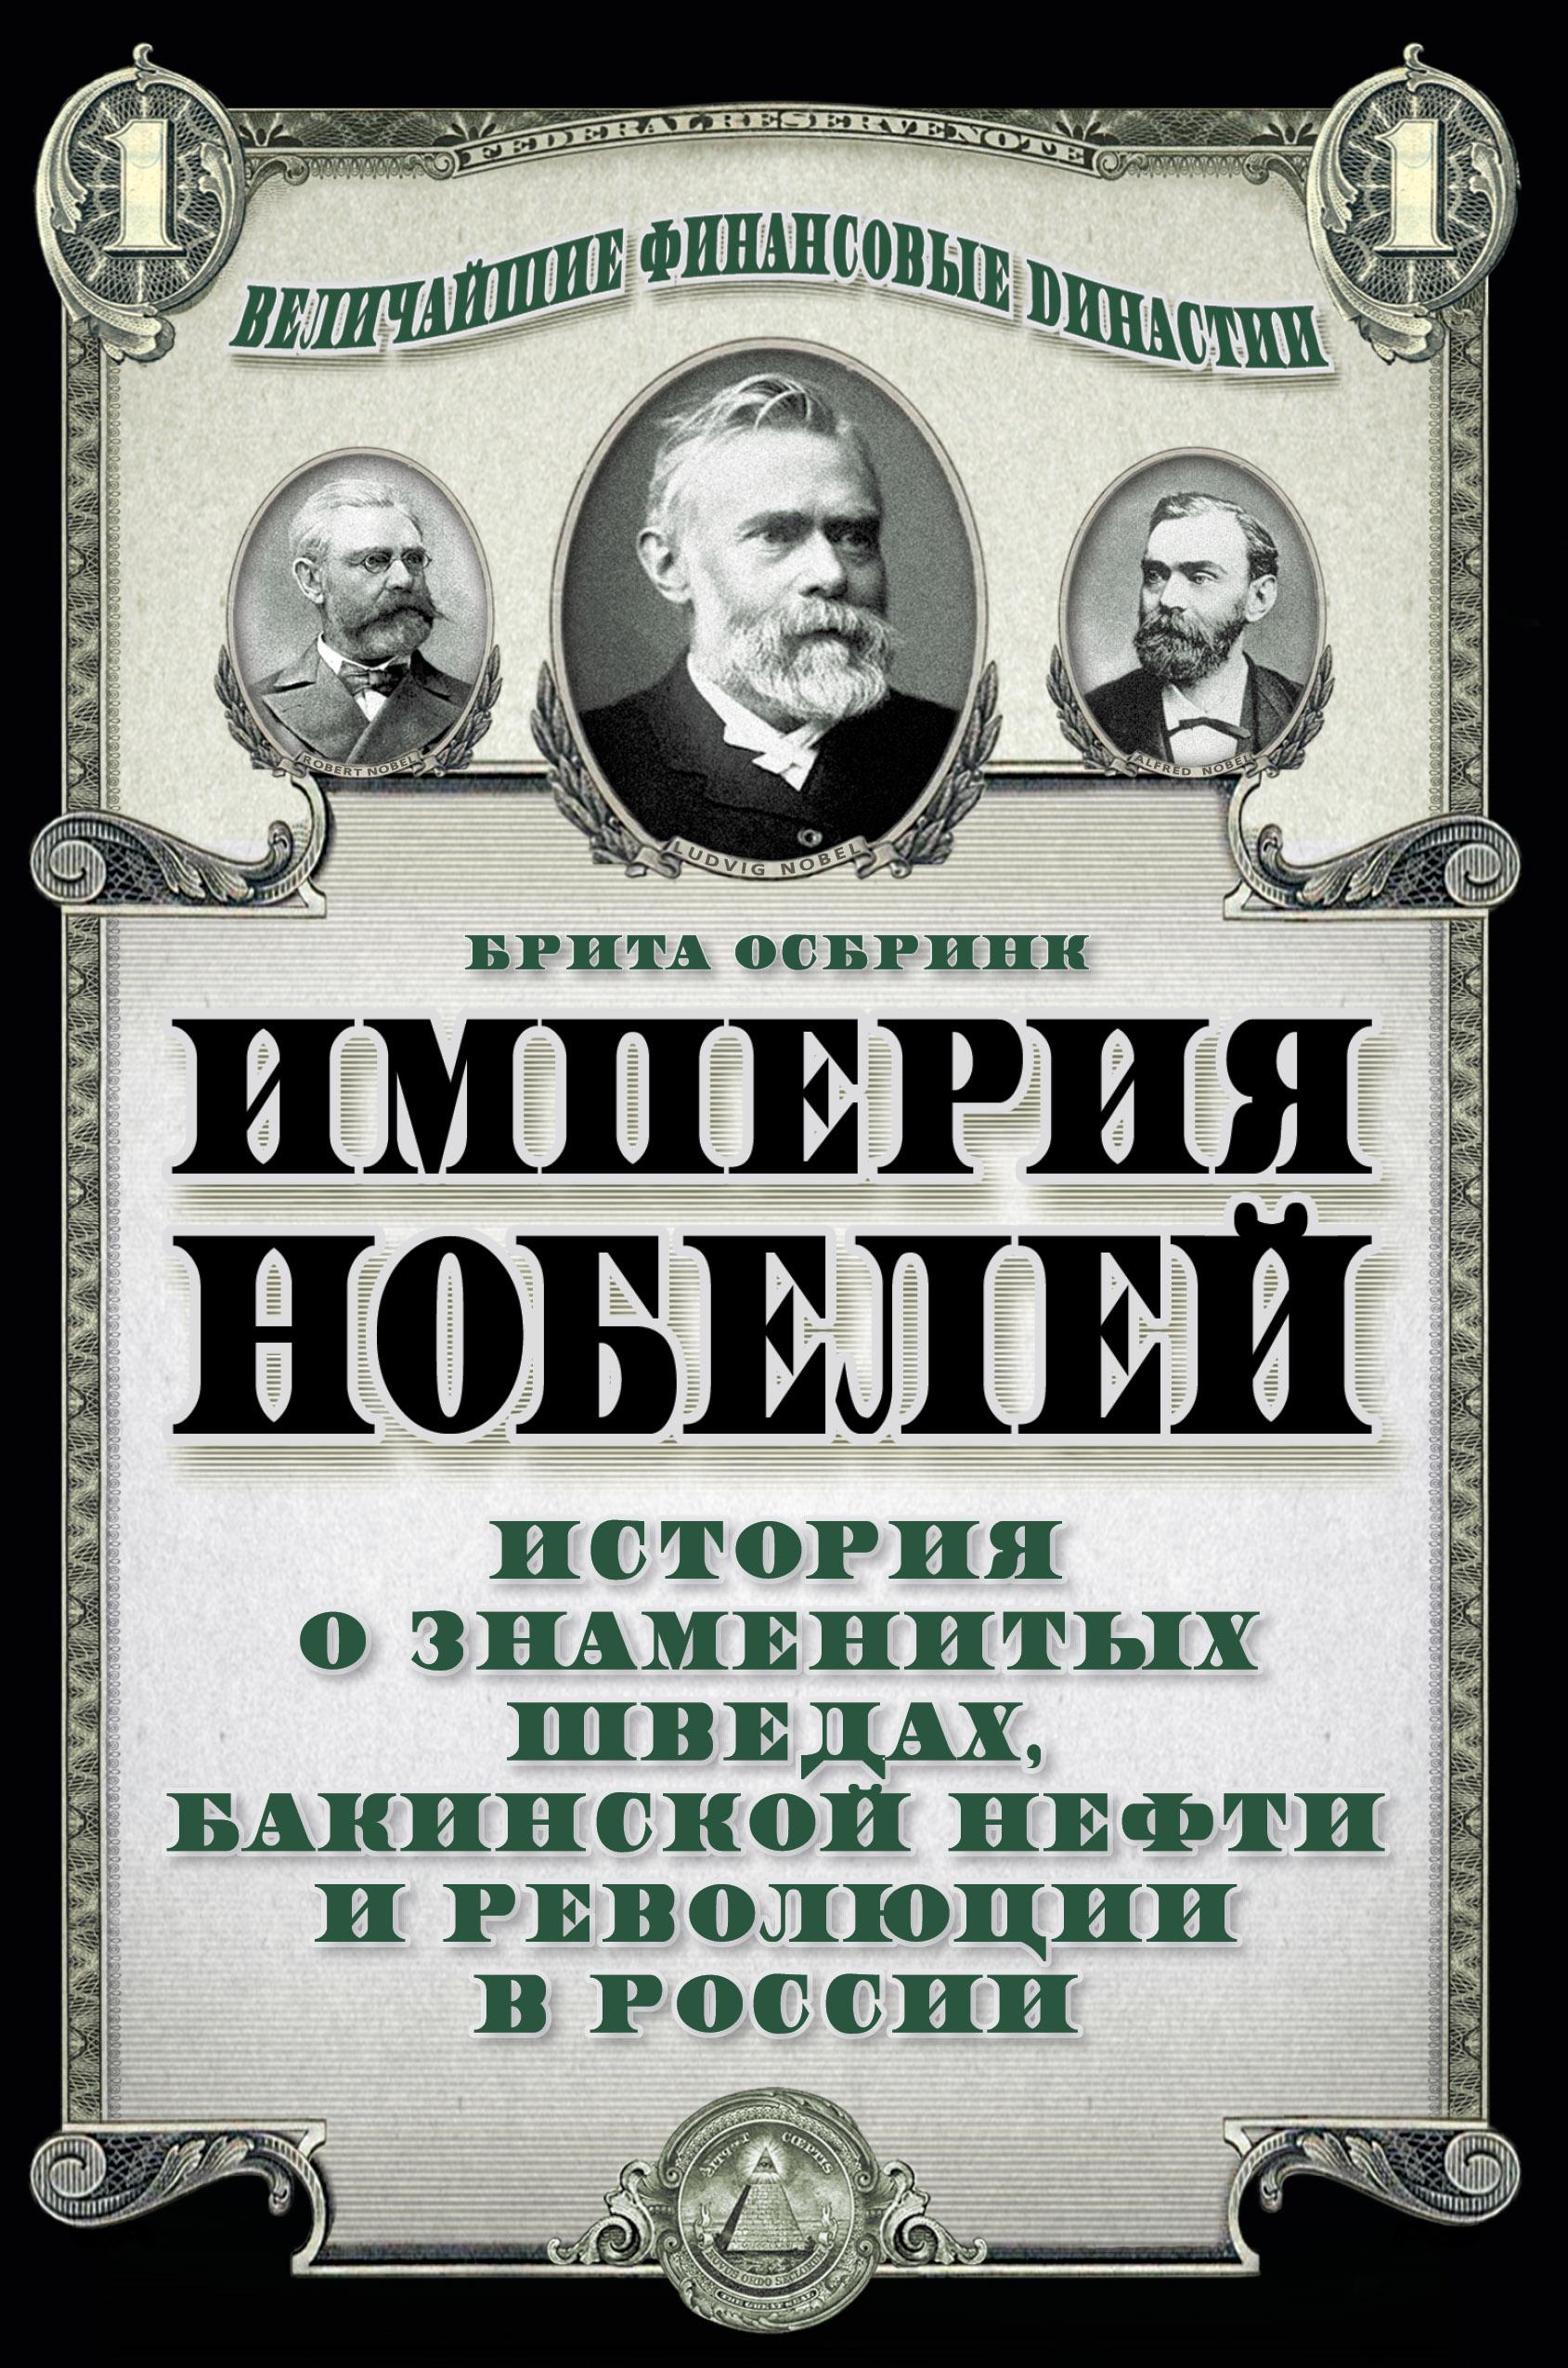 Осбринк Б. Империя Нобелей: история о знаменитых шведах, бакинской нефти и революции в России